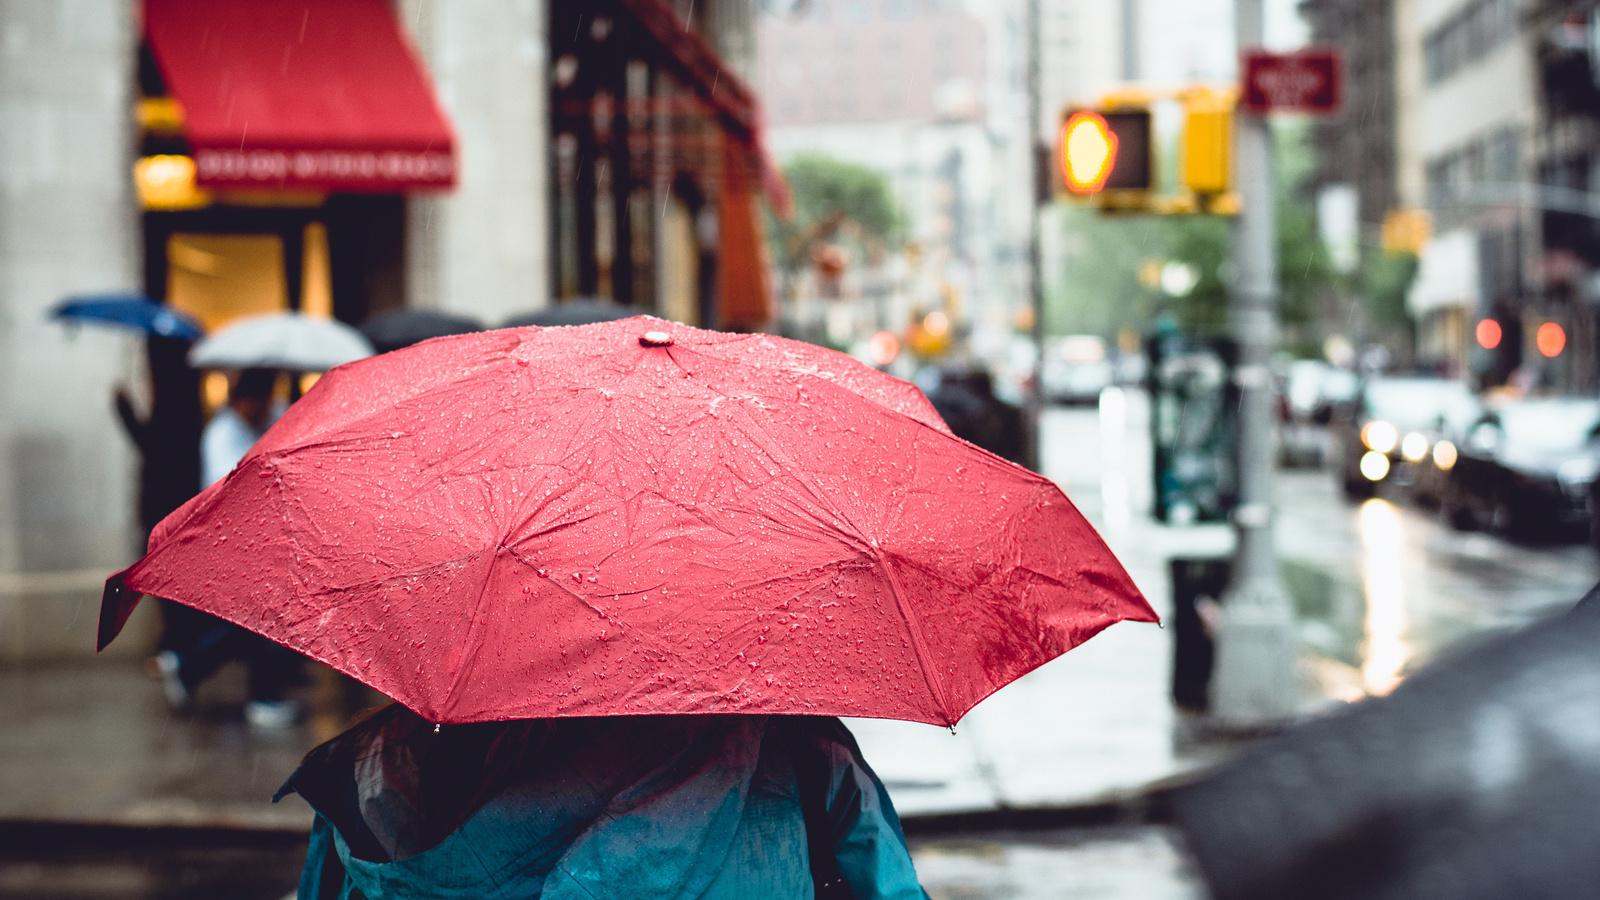 Воронежские синоптики рассказали, сохранится ли пасмурная и дождливая погода в выходные